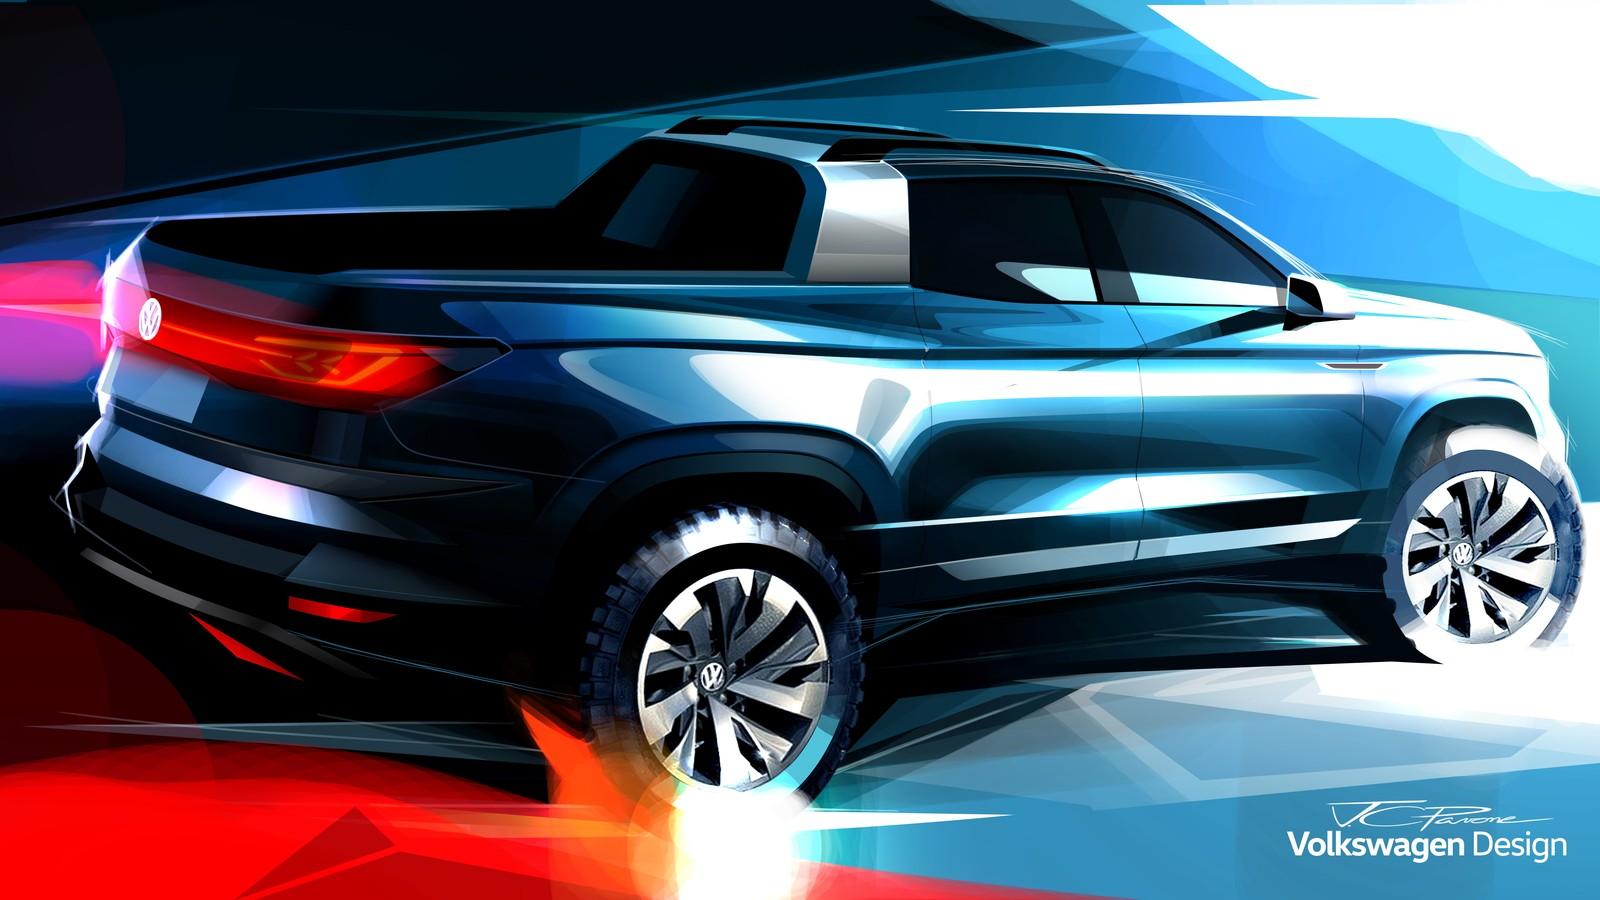 Forum gratis : Compra e venda engenharia Carro Volks-picape